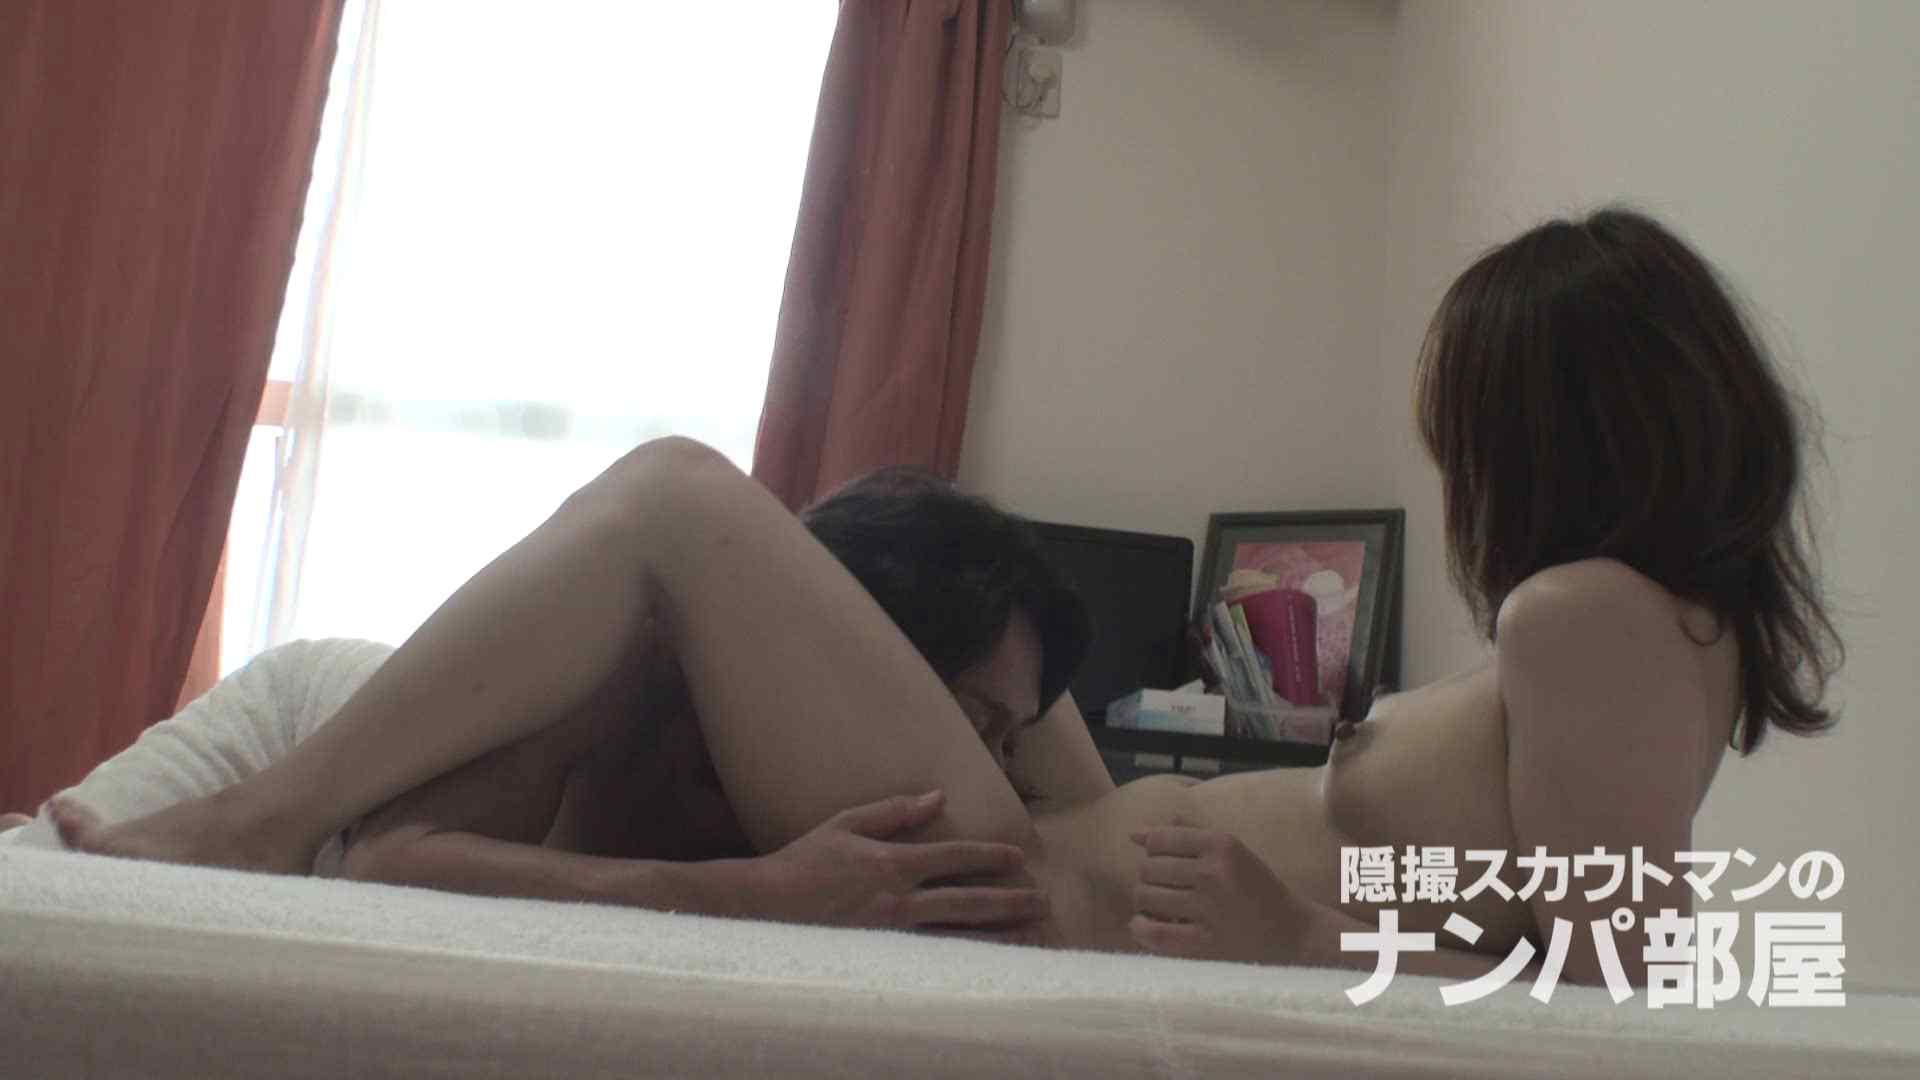 隠撮スカウトマンのナンパ部屋~風俗デビュー前のつまみ食い~ sii 0   0  104画像 87